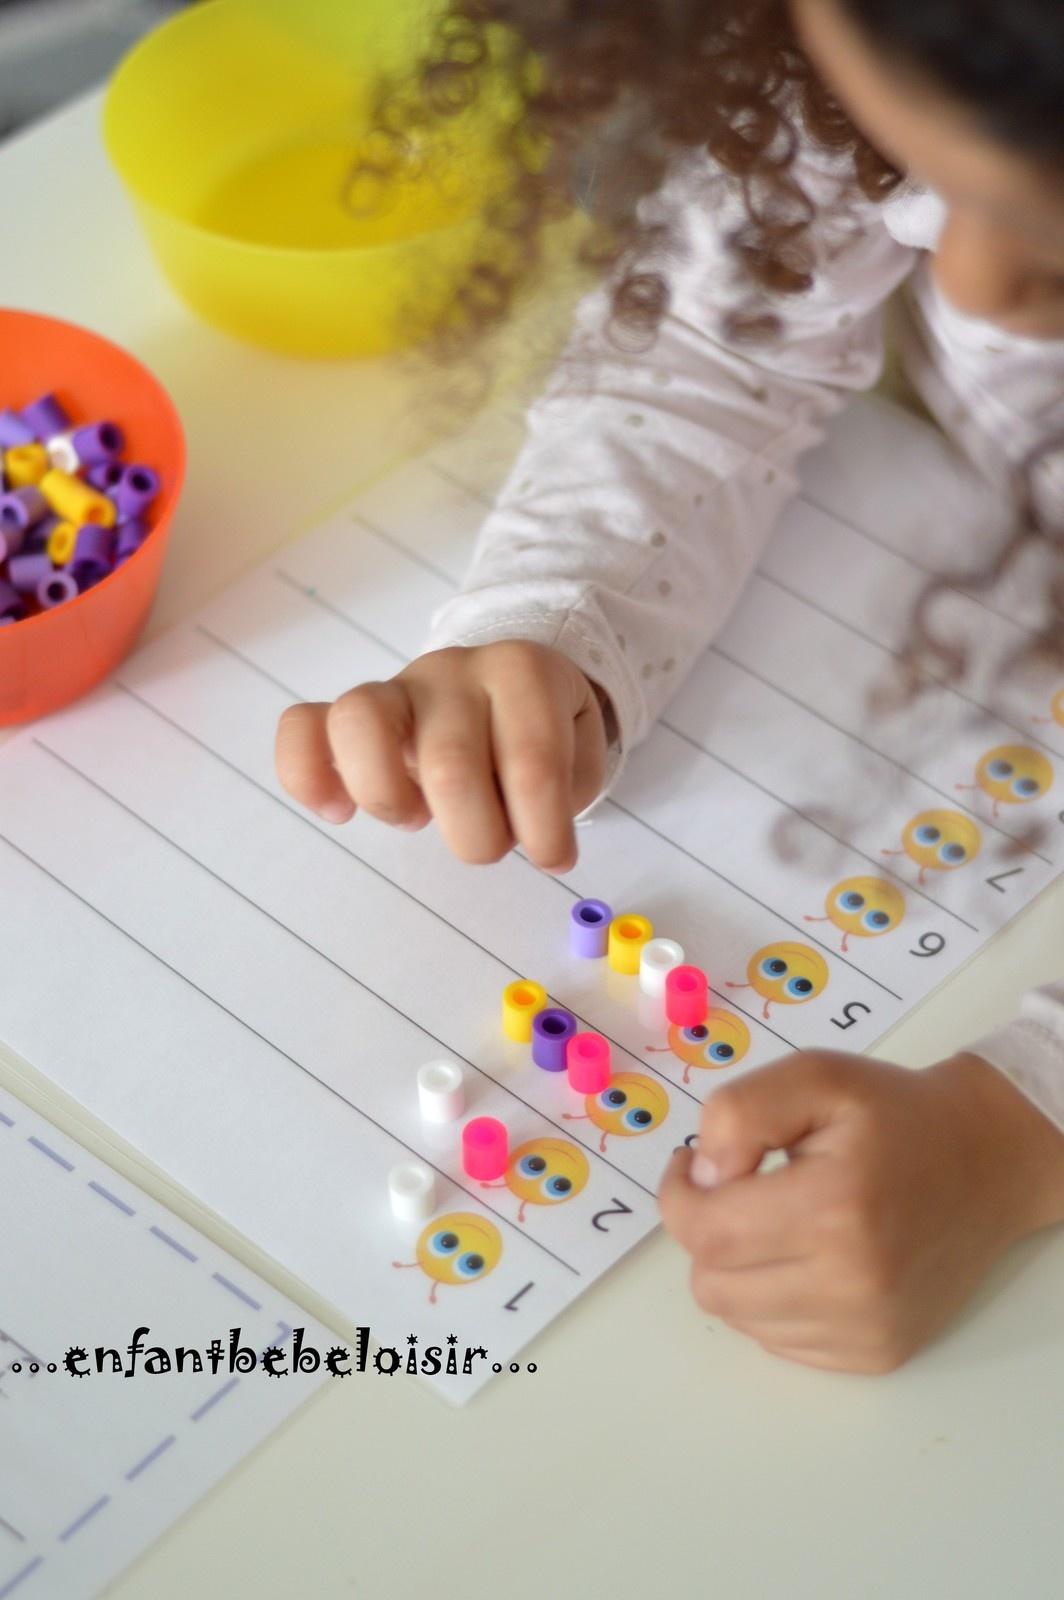 Fiche Exercice À Compter - Pdf À Imprimer - Enfant Bébé Loisir encequiconcerne Exercice Pour Maternelle Petite Section